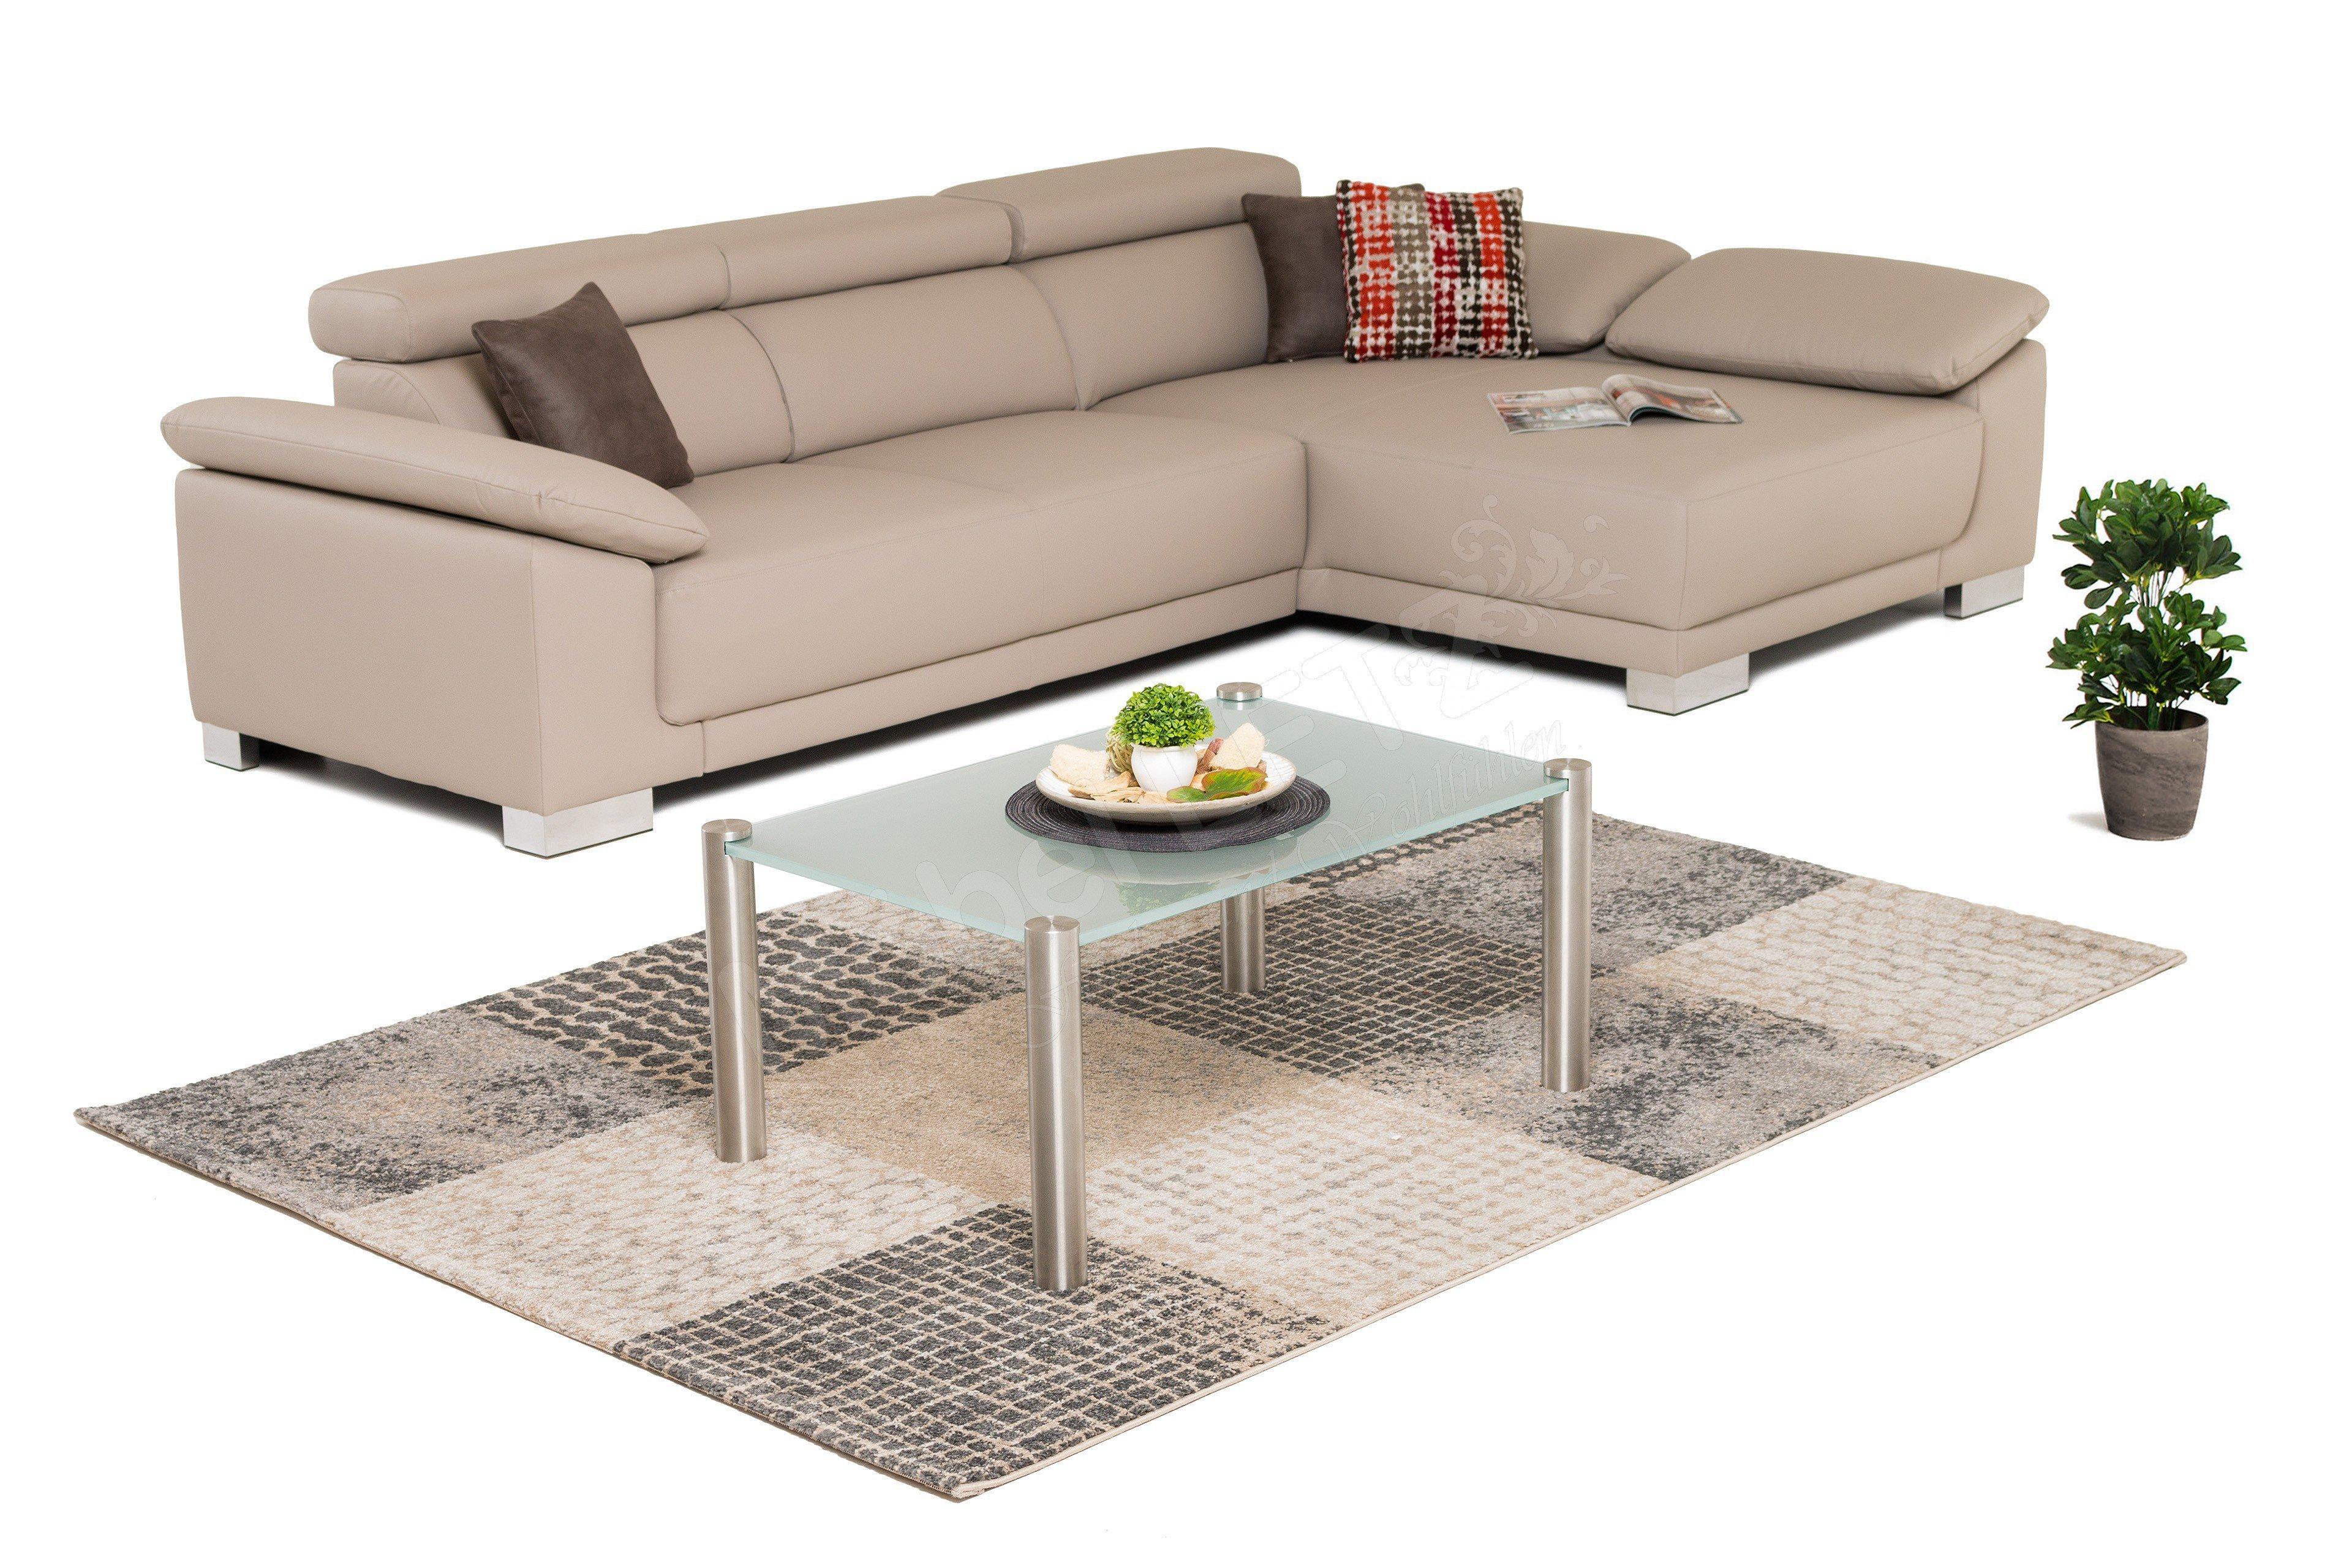 candy emporia ecksofa in grau beige m bel letz ihr. Black Bedroom Furniture Sets. Home Design Ideas